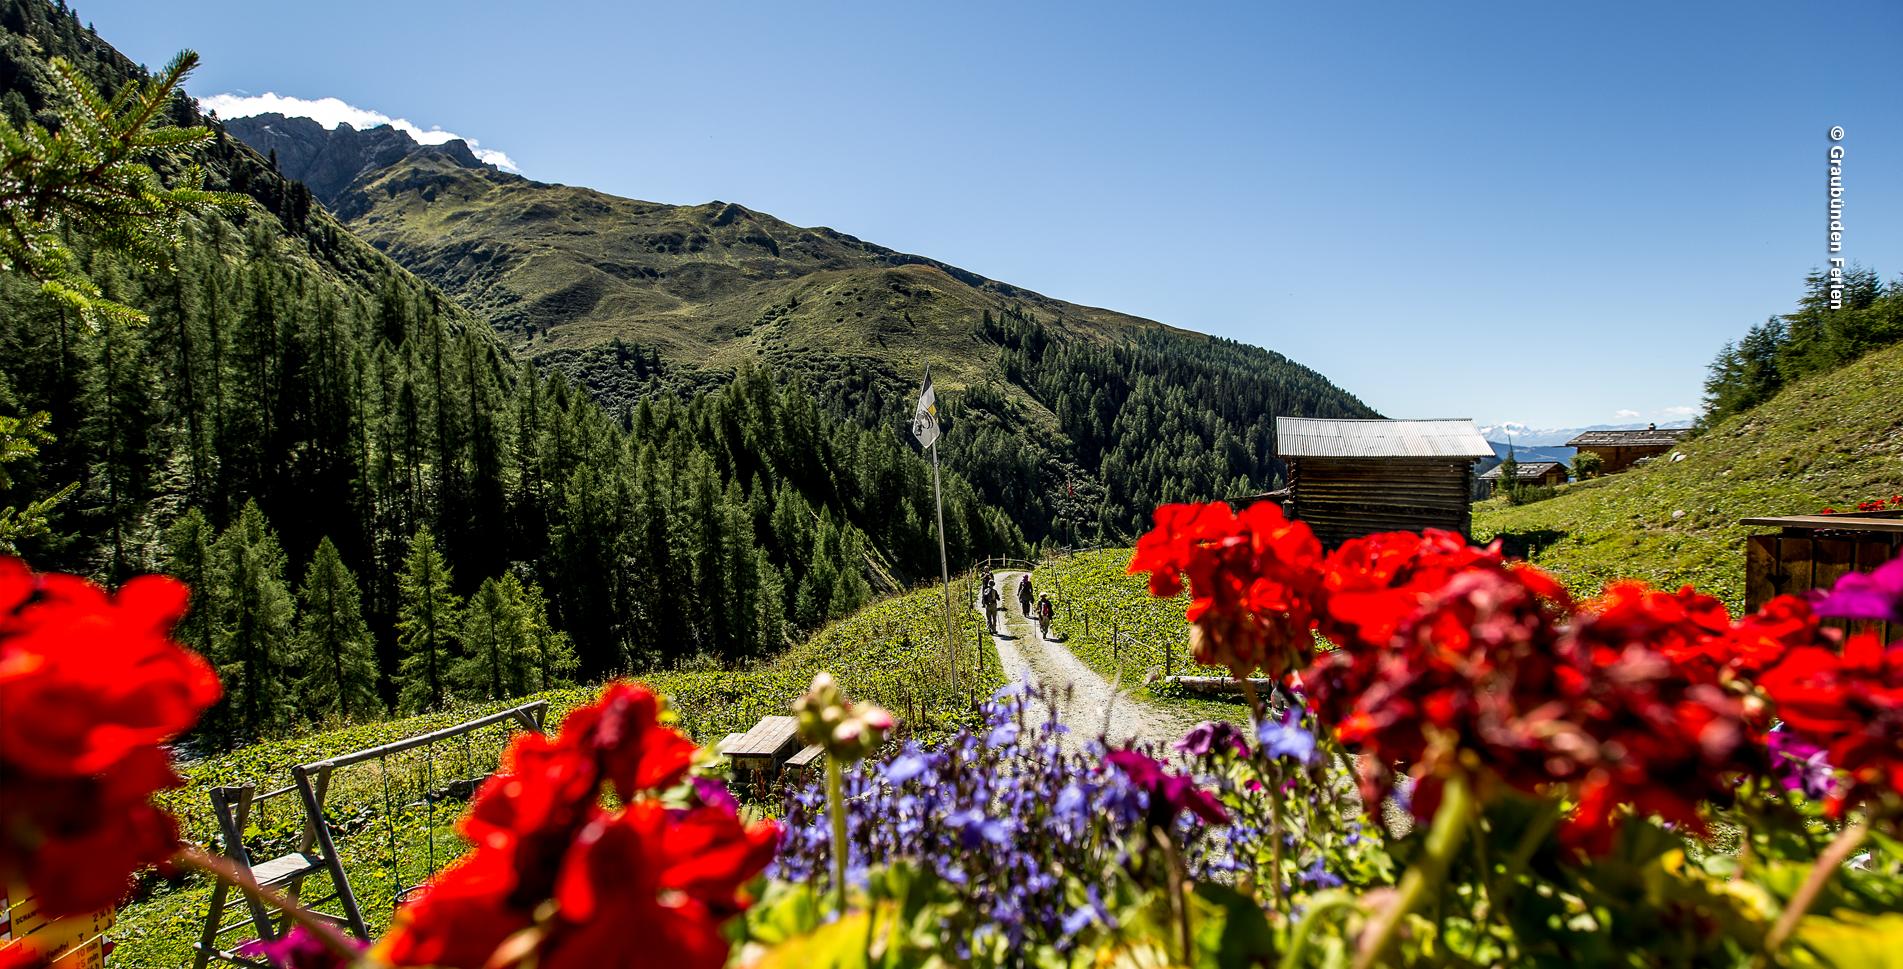 Wanderung von Arosa via Stausee Isel, Furggenalp, Medergen, Chüpfer Tälli, Berggasthaus Heimeli, Chüpfen, Sapün nach Langwies im Schanfigg